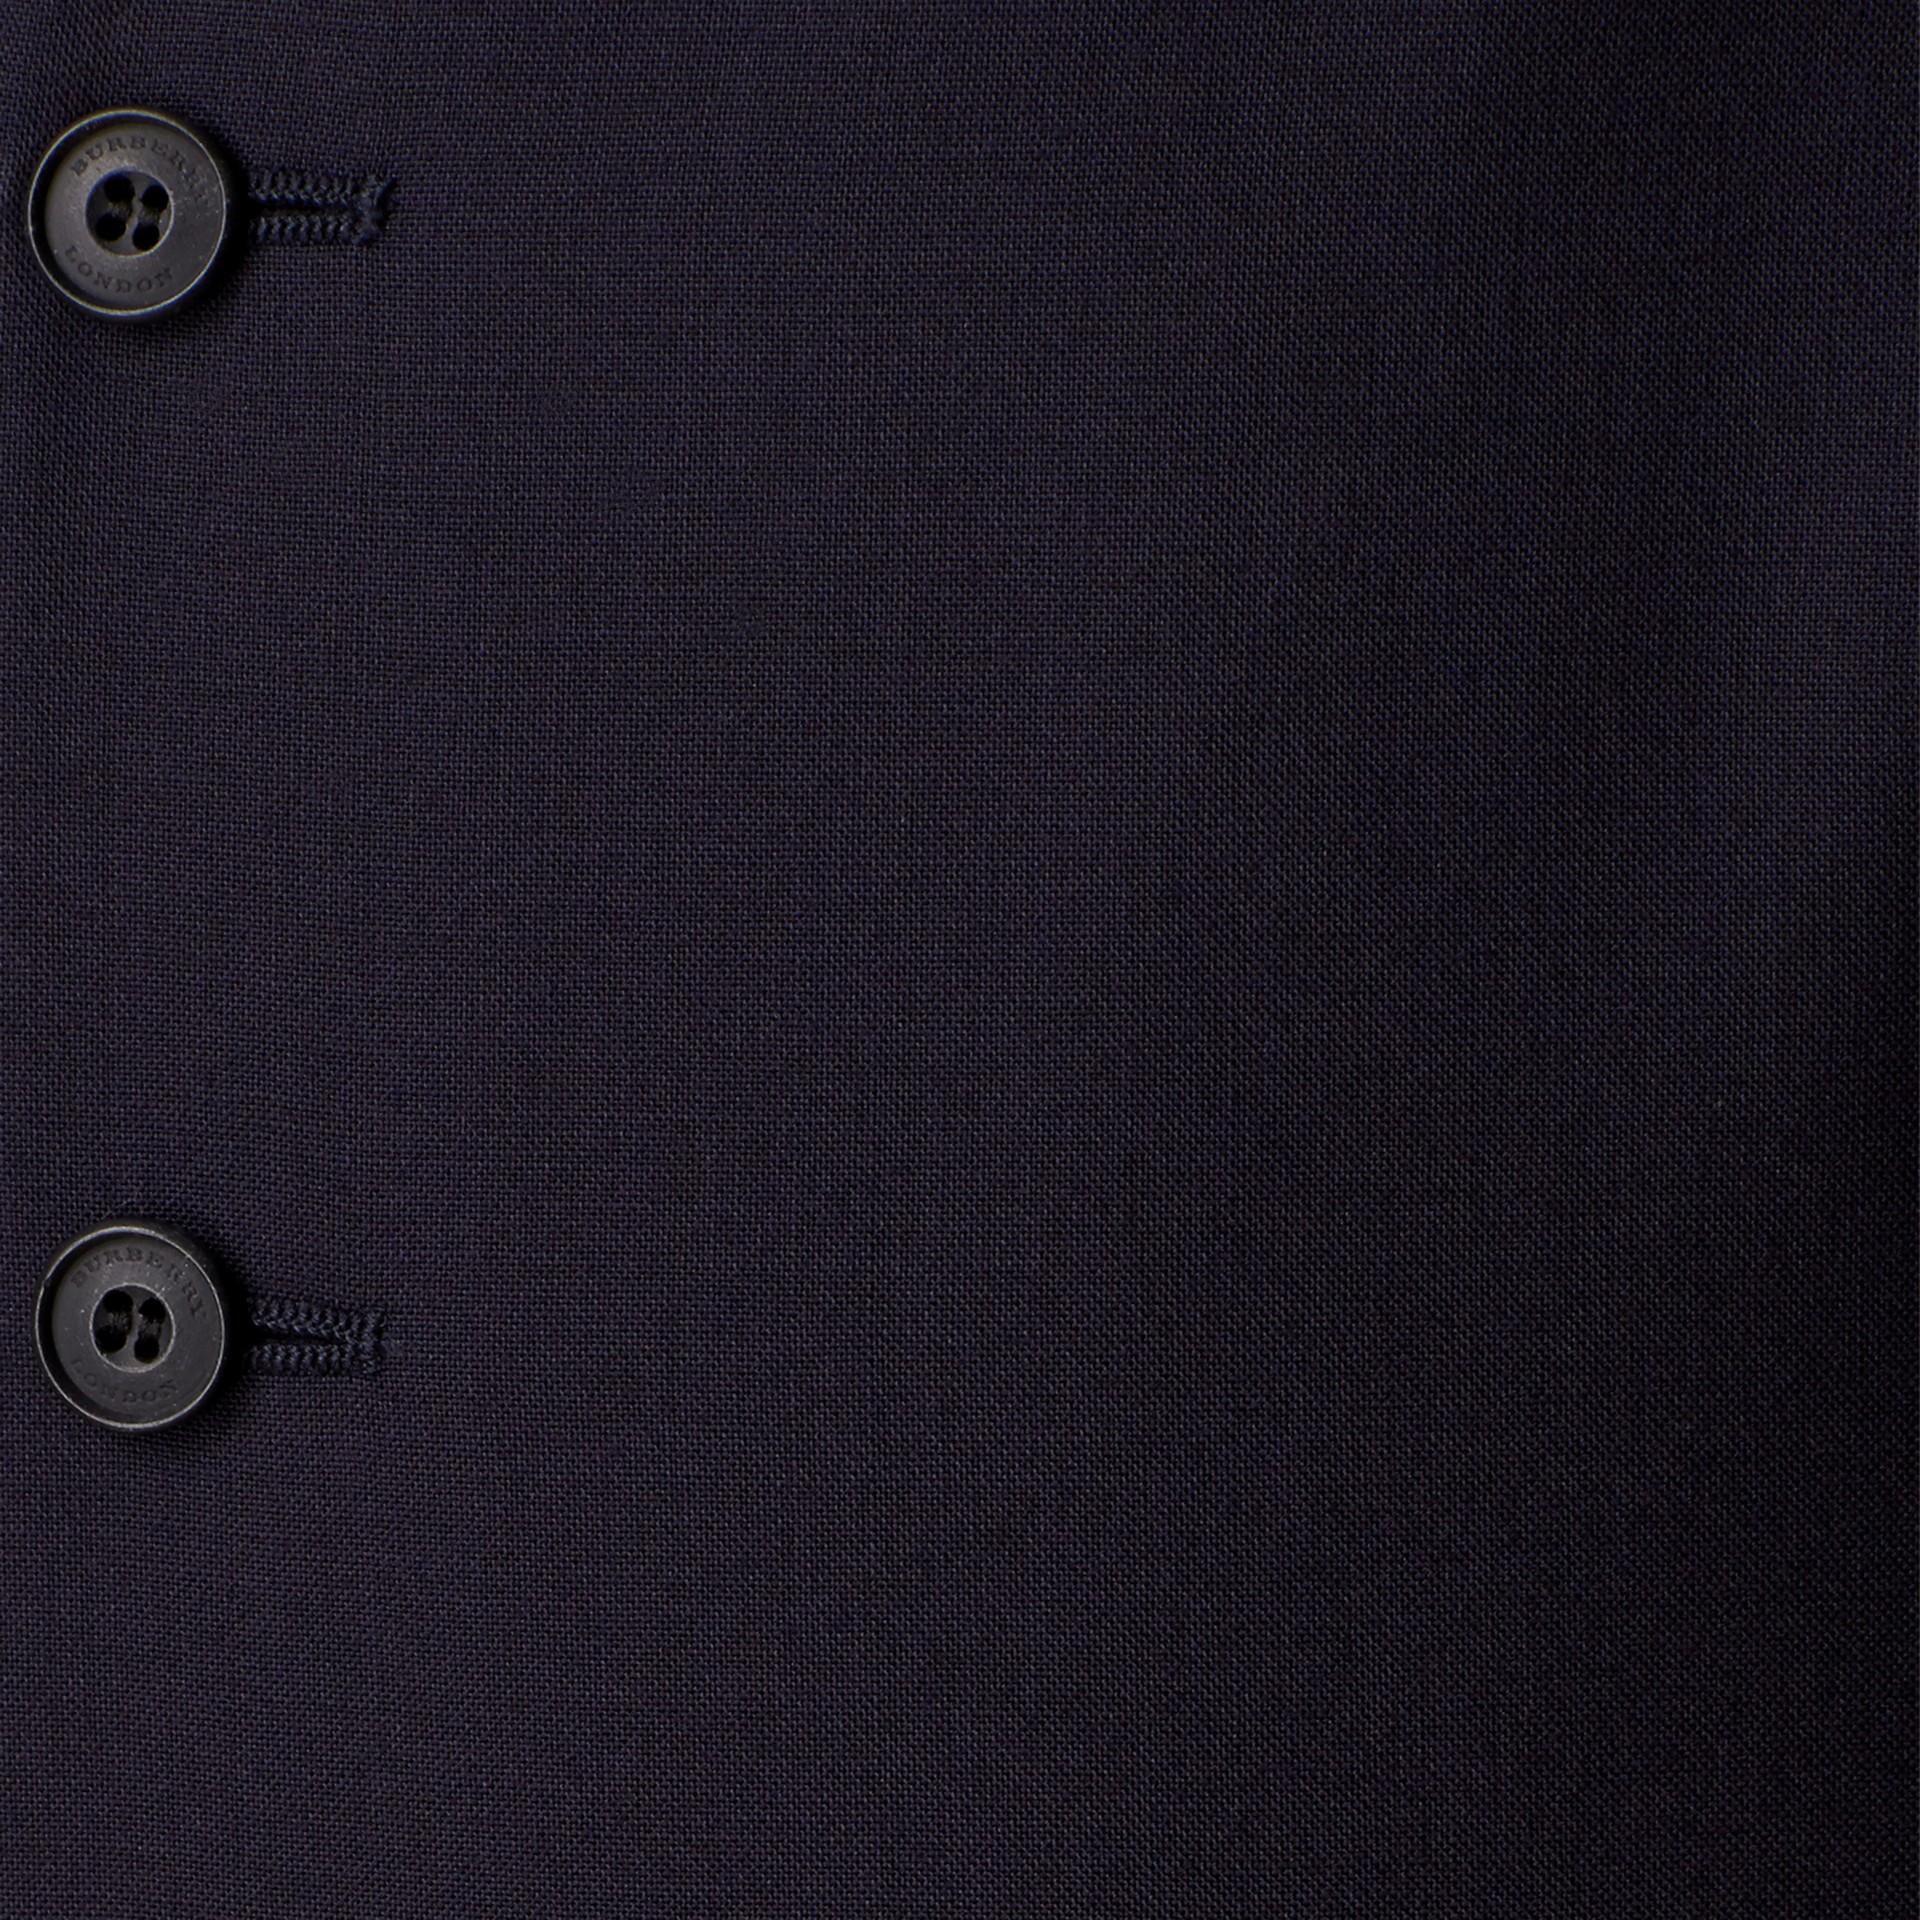 Navy Gilet in lana dal taglio sfiancato - immagine della galleria 2